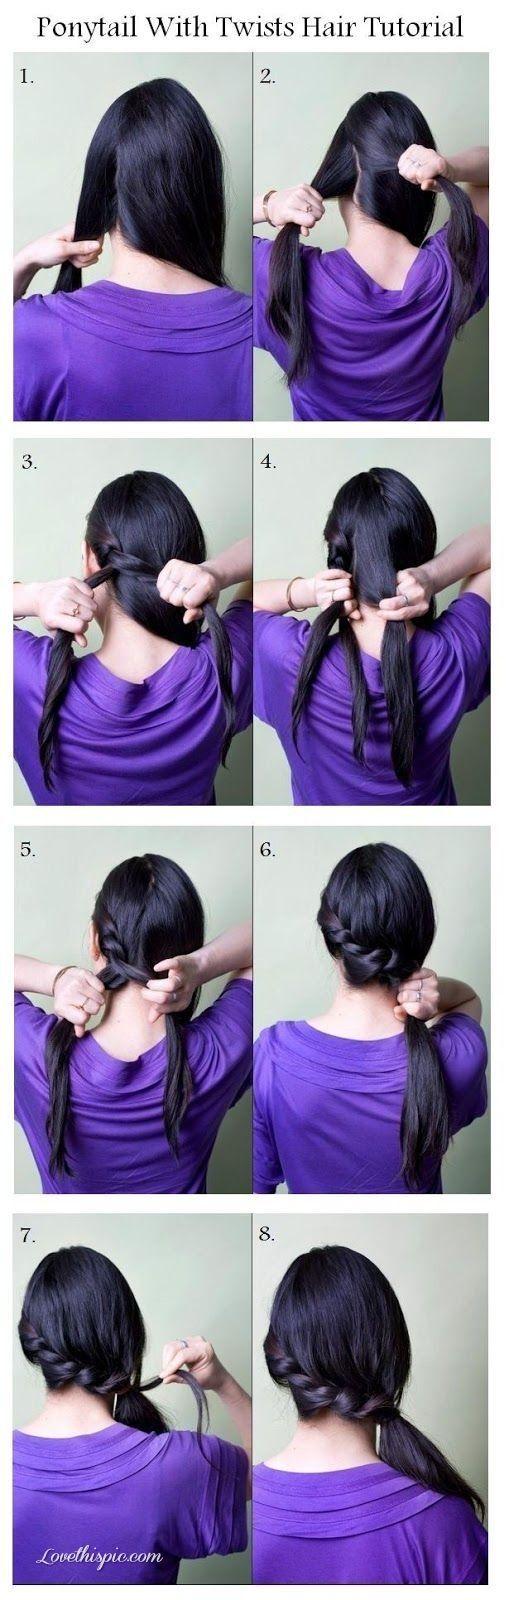 ponytail with a twist diy easy diy diy hair diy fashion beauty diy diy style fashion diy